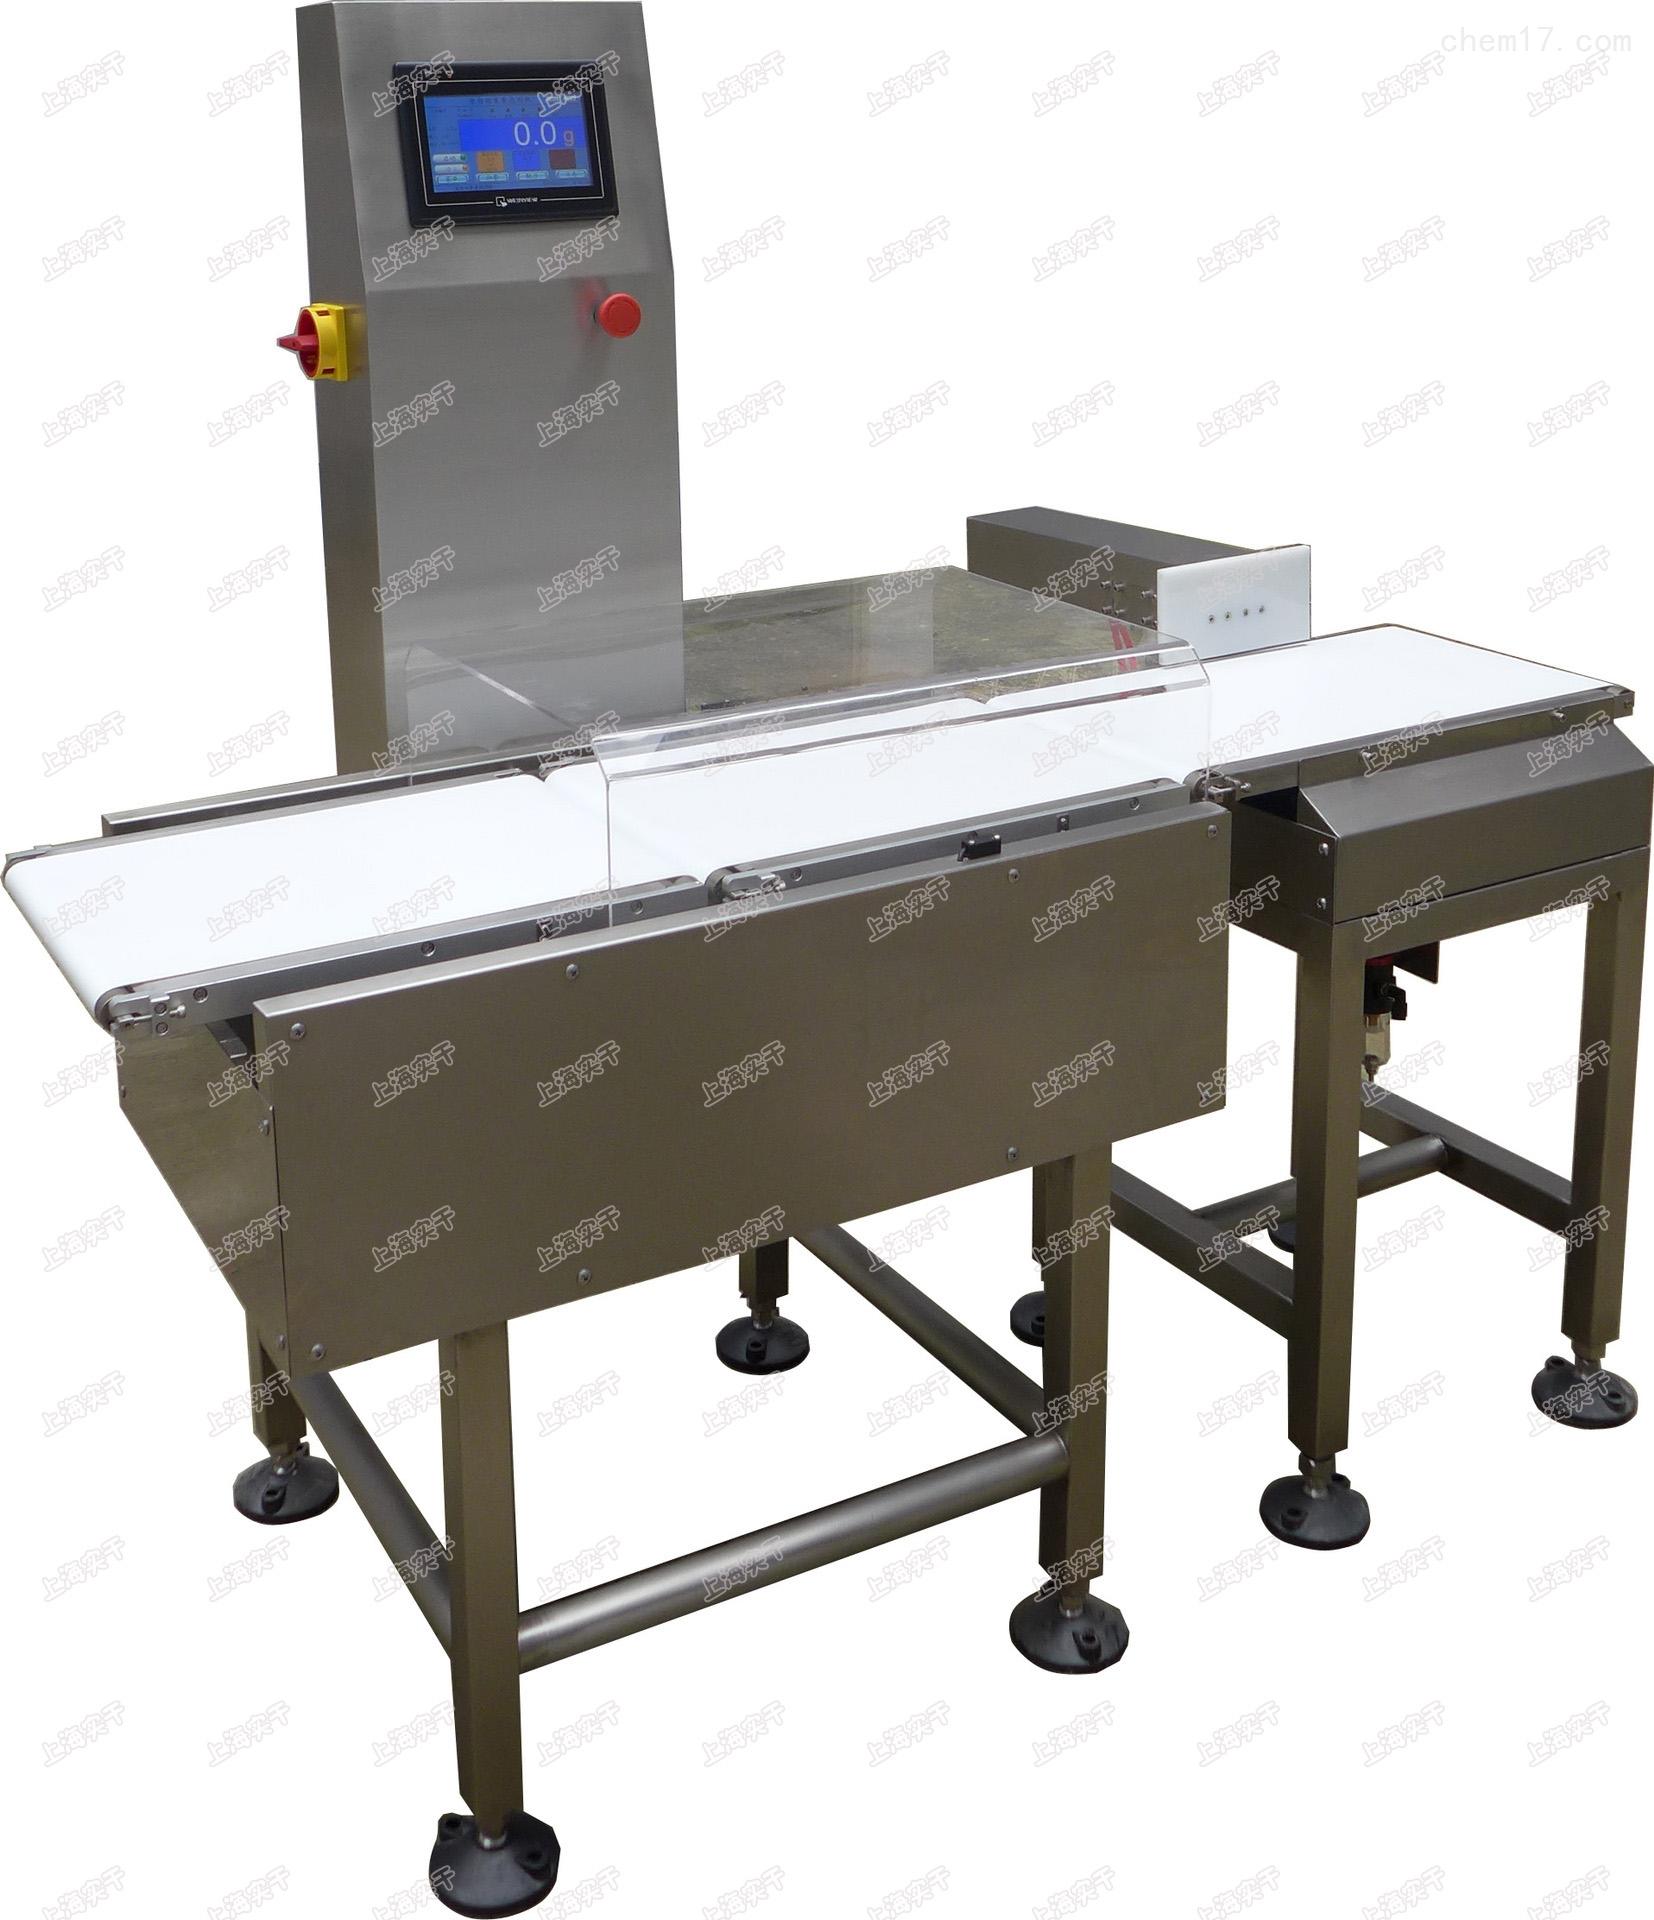 分选检重秤,在线检重仪,重量检测机